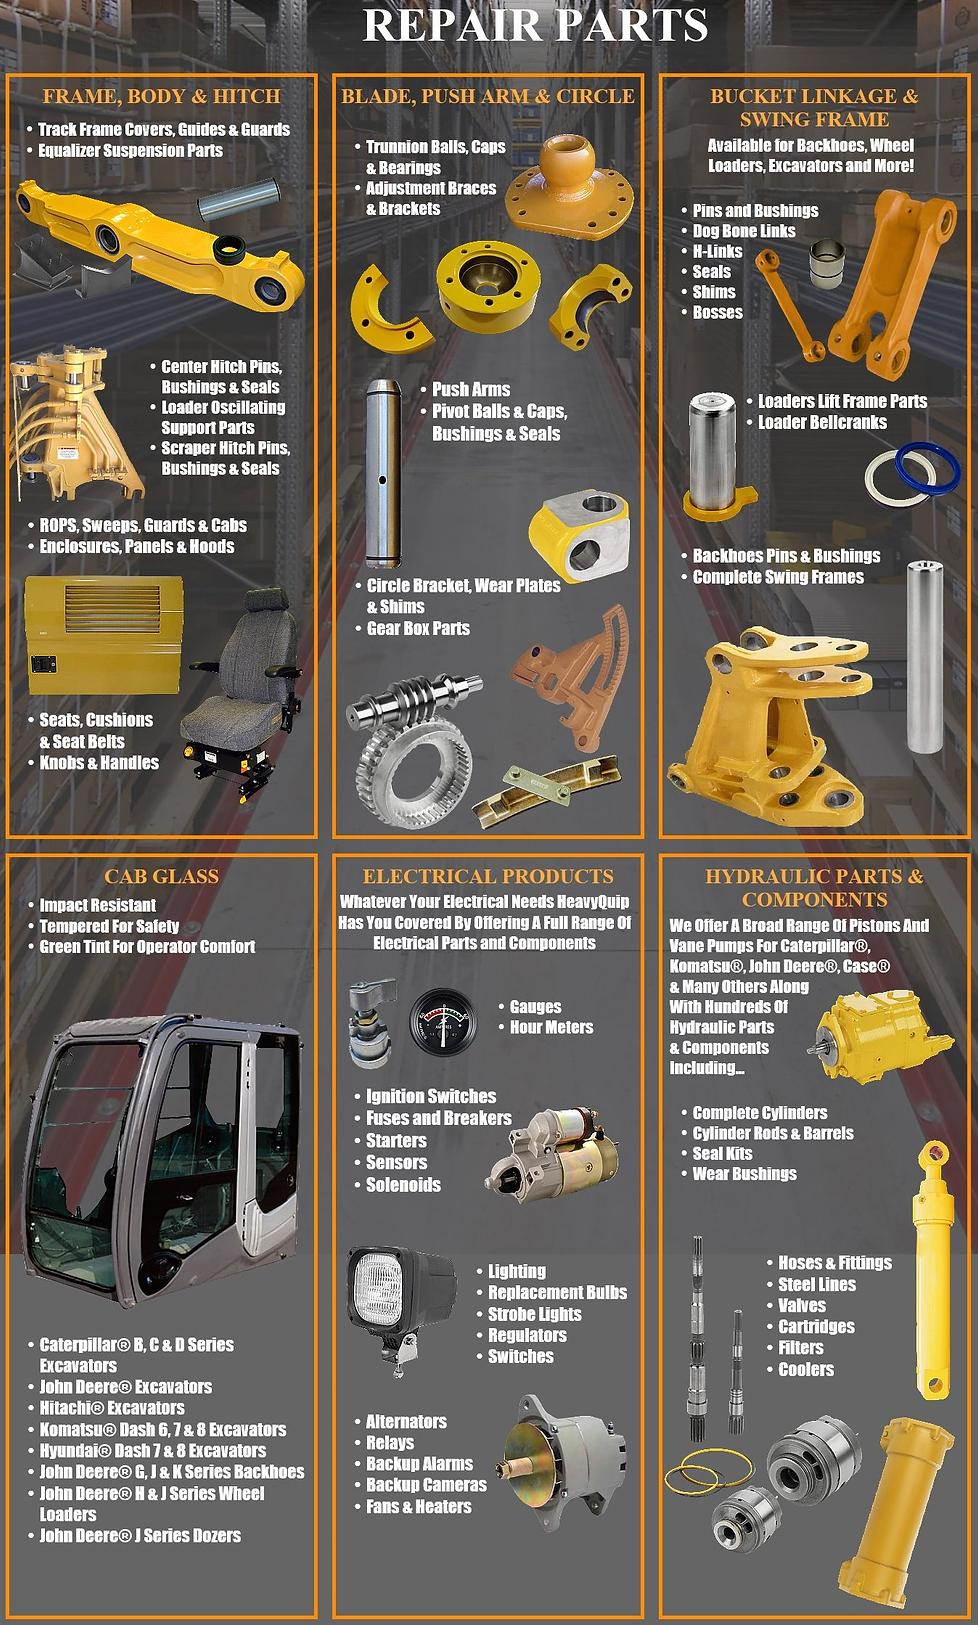 Equipment Repair Parts.png